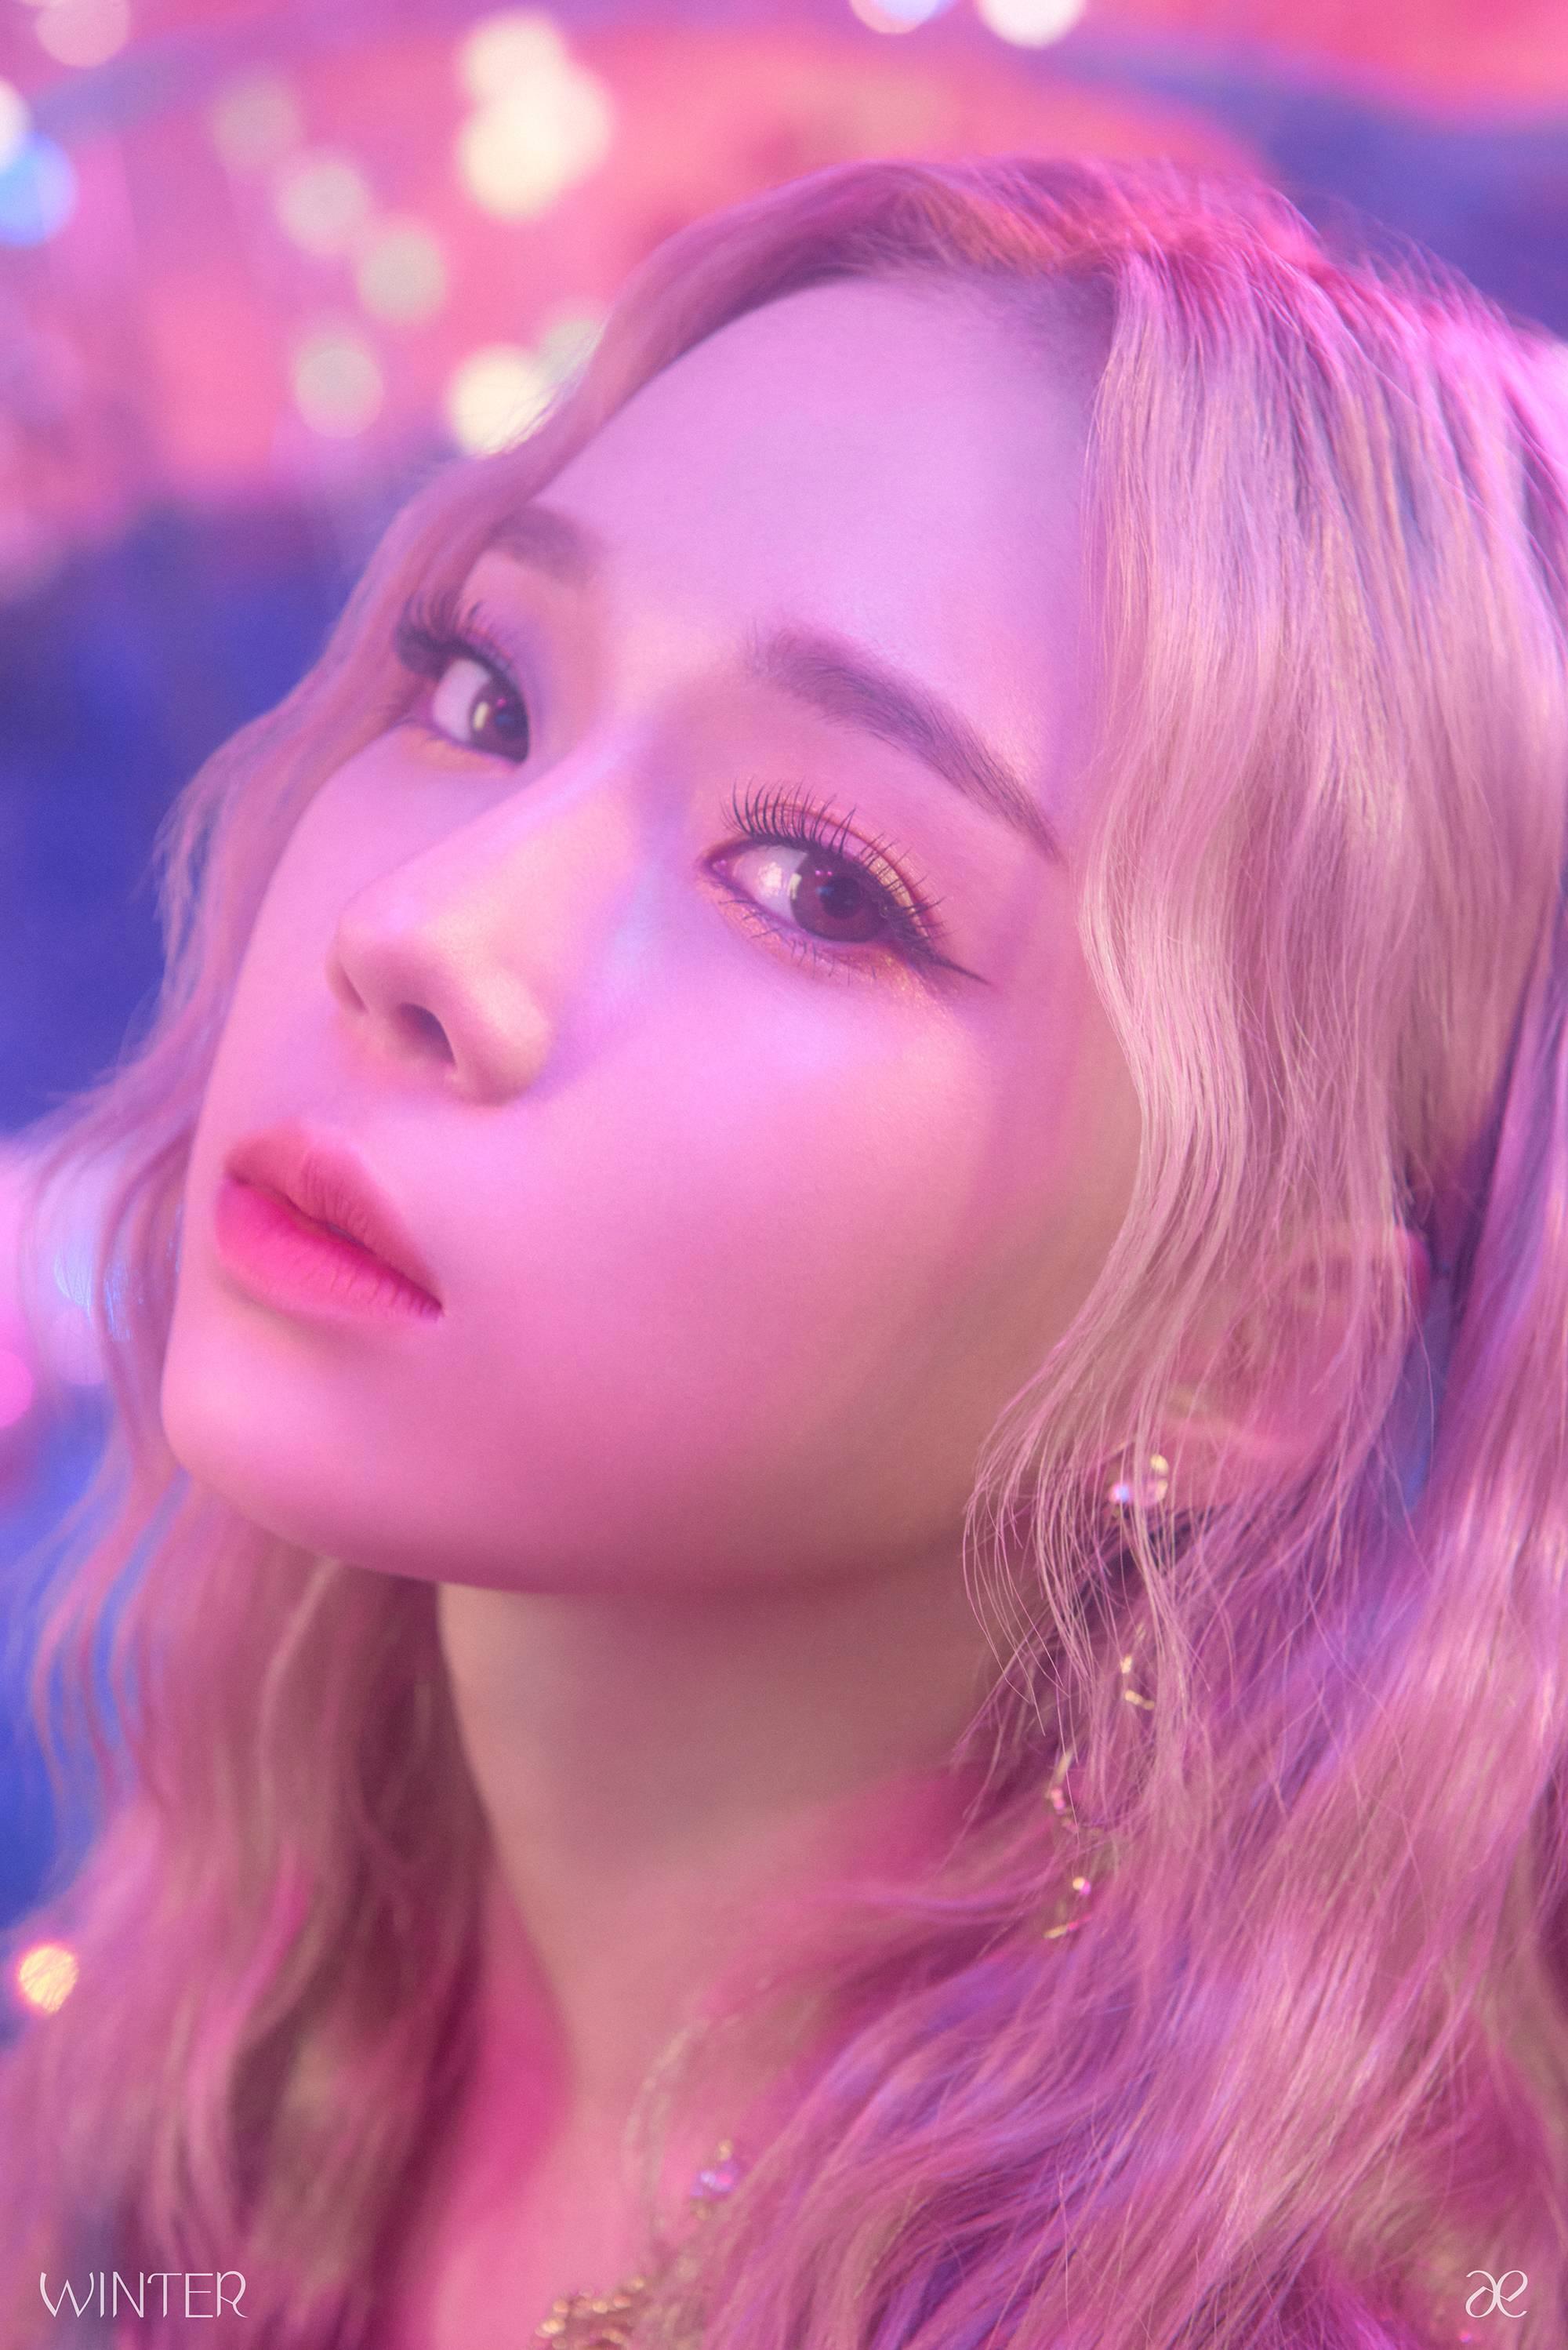 SM 신인 걸그룹 에스파 첫 멤버 | 인스티즈